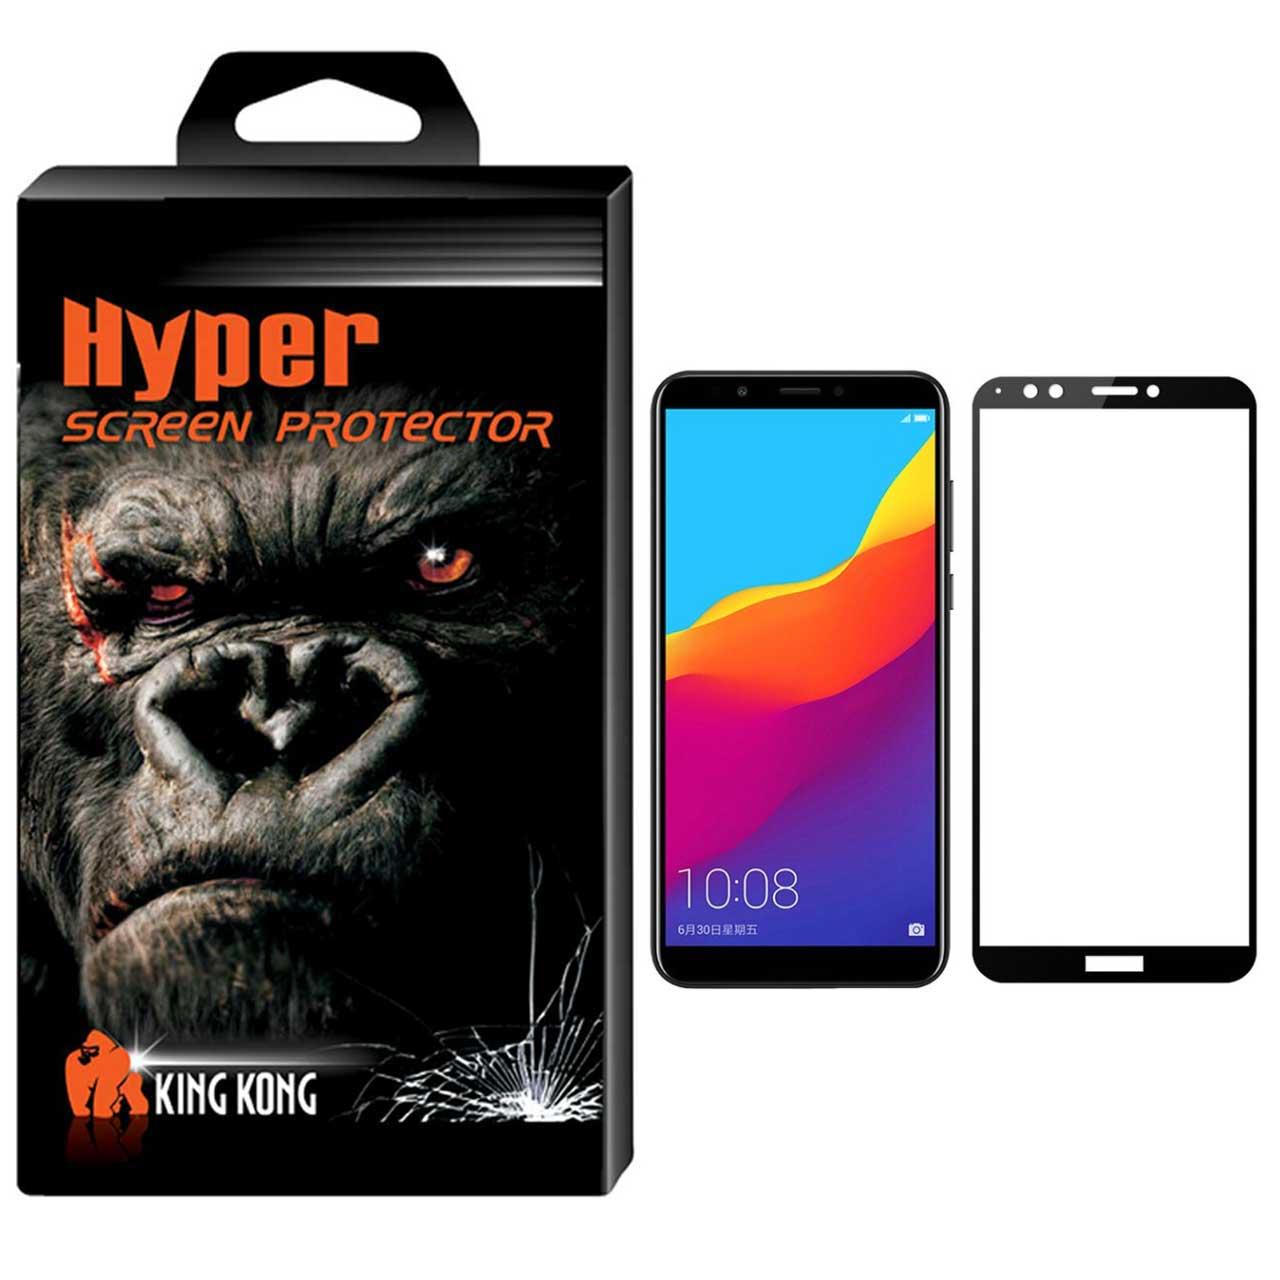 محافظ صفحه نمایش شیشه ای کینگ کونگ مدل Hyper Fullcover مناسب برای گوشی هواوی Y7 Prime 2018